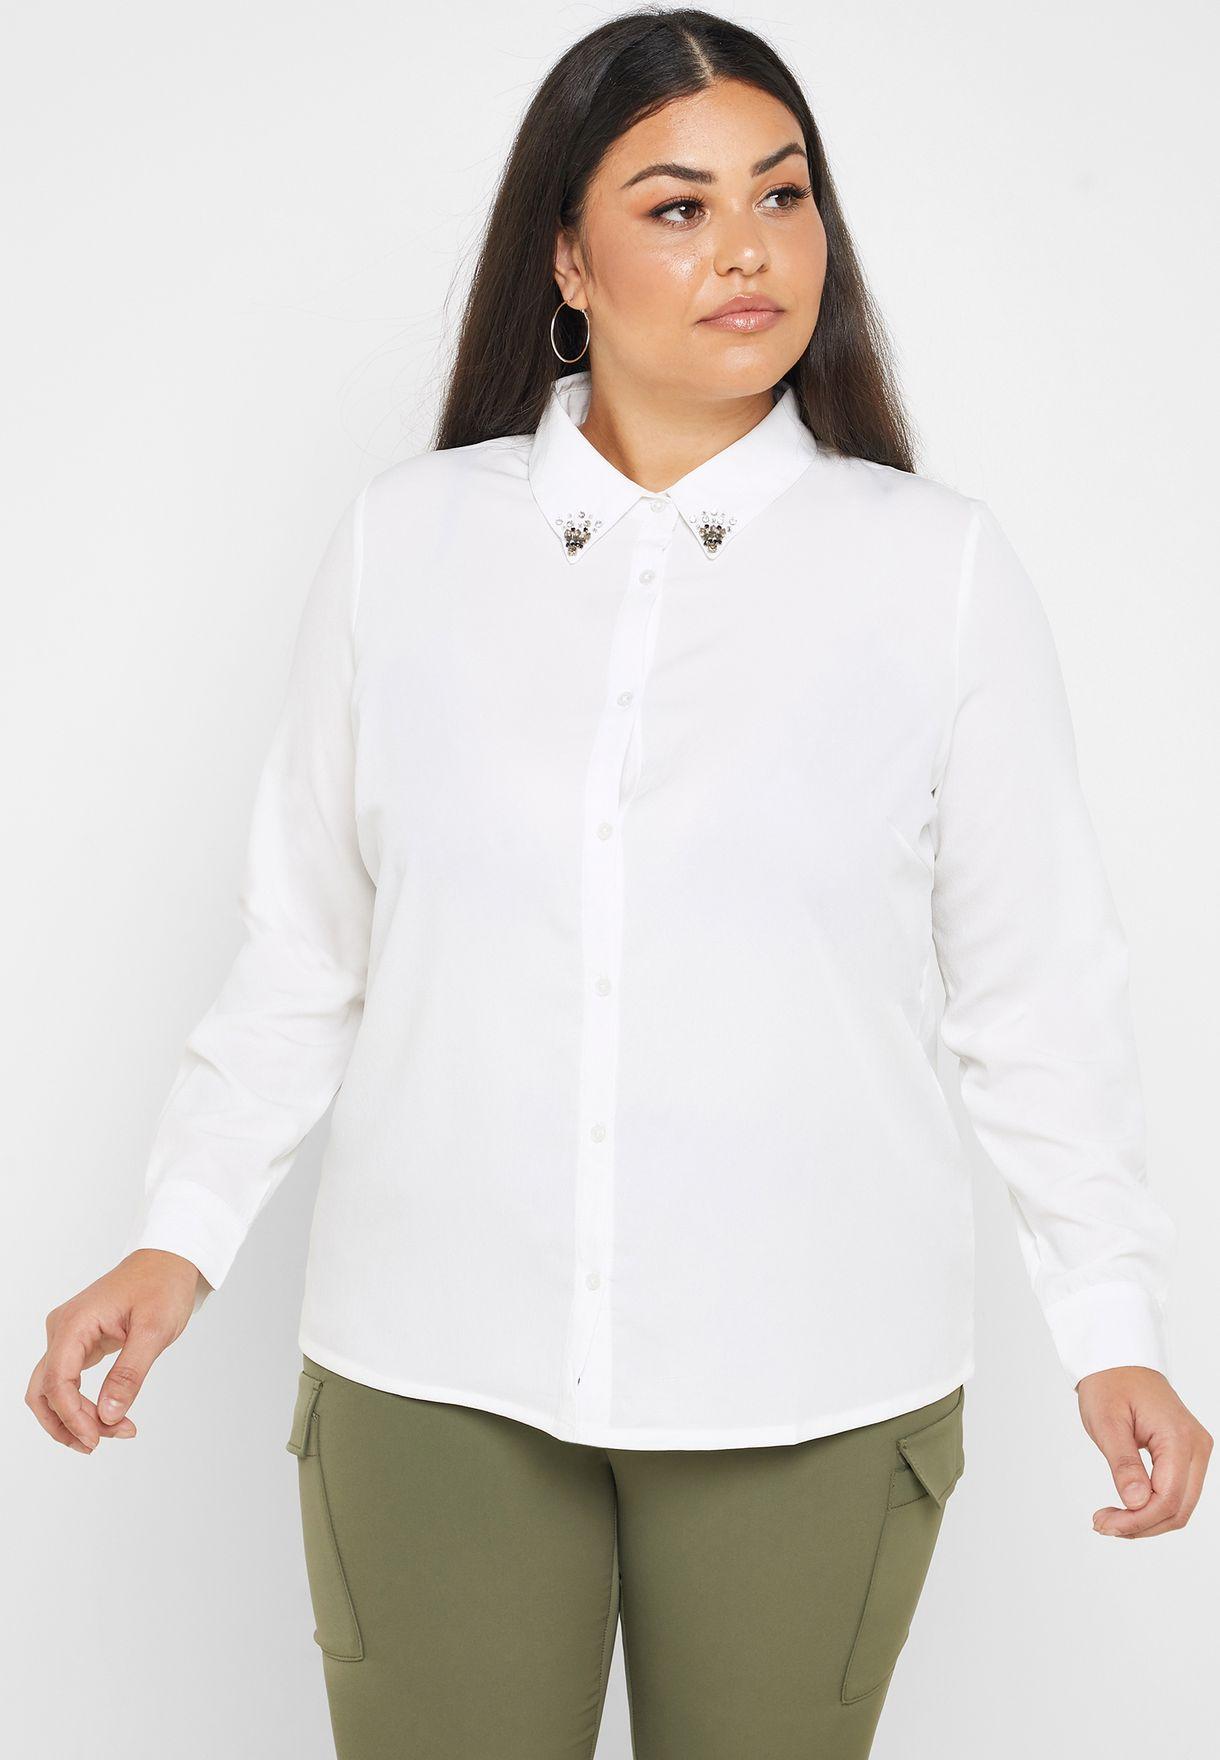 قميص مزين باحجار صناعية